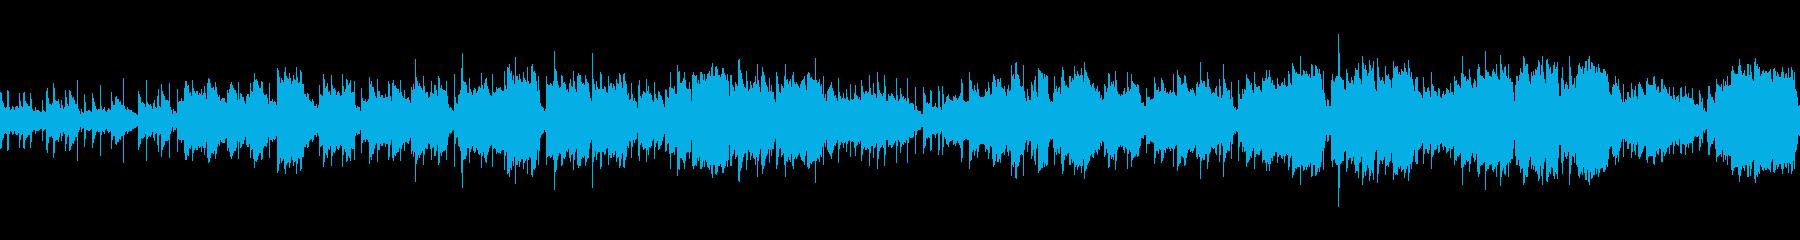 ファンタジーRPG寂しい民族調BGMの再生済みの波形